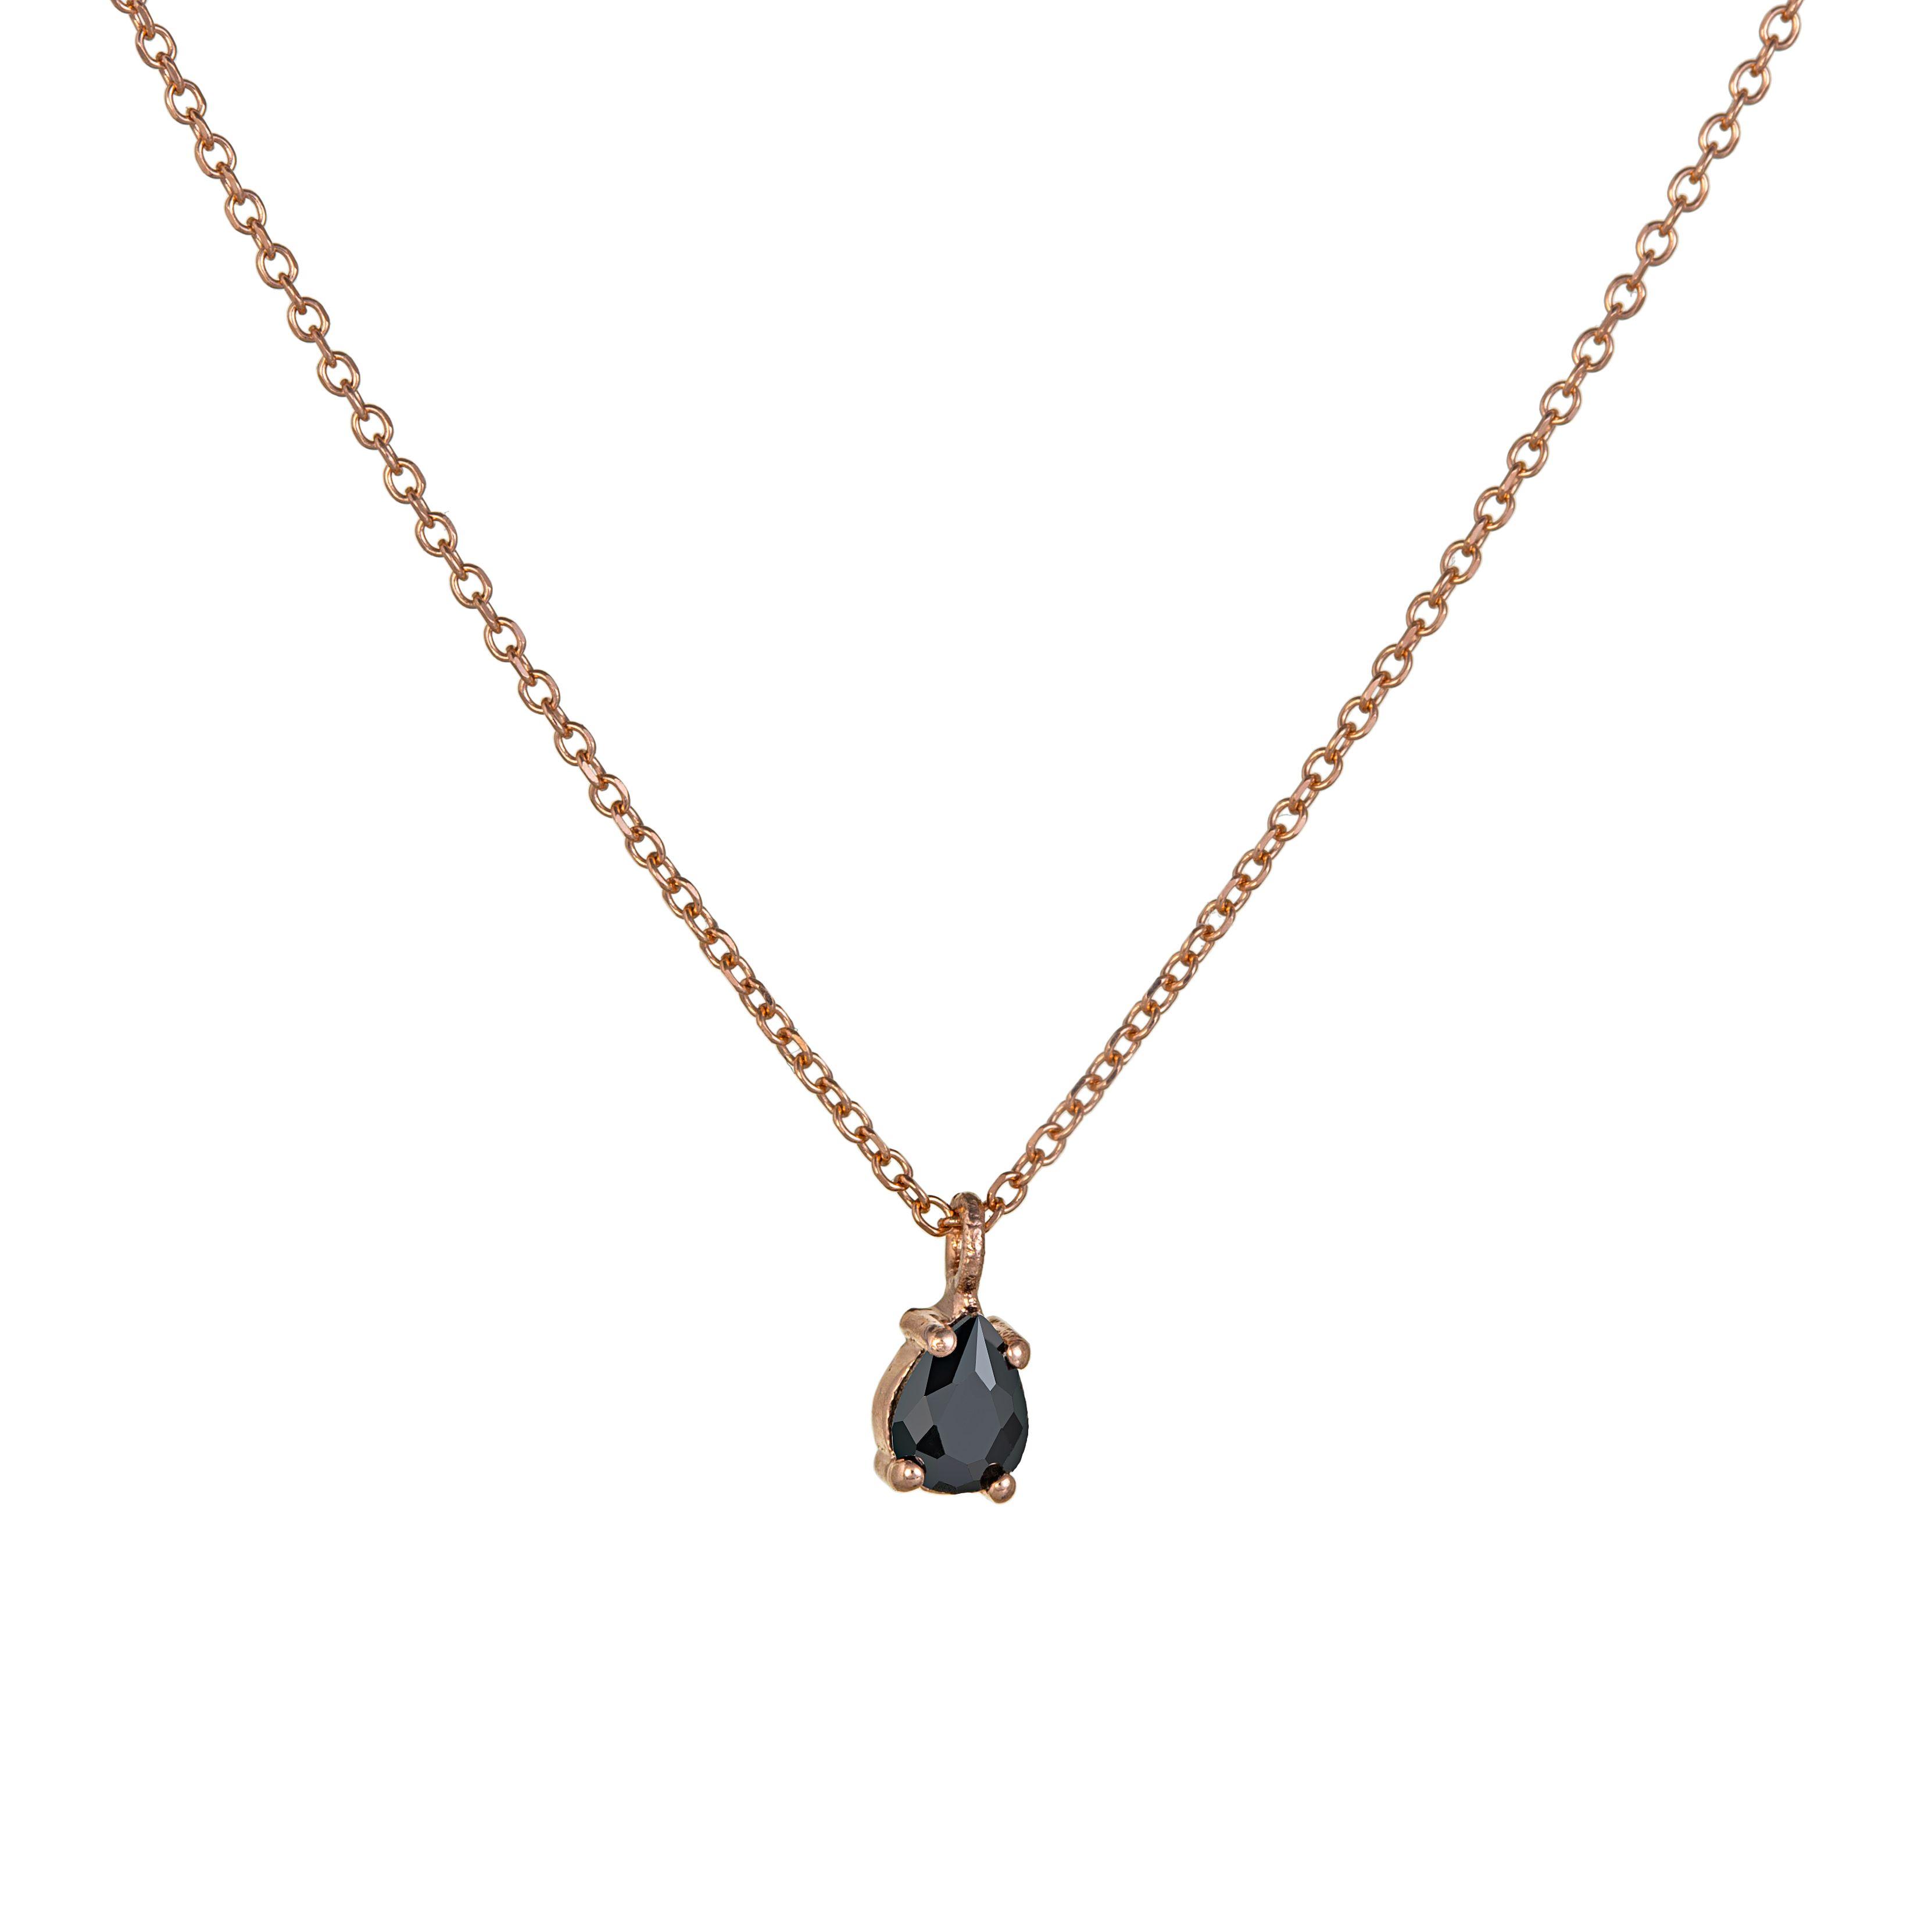 Κολιέ μονοπετράκι ροζ με μαύρη πέτρα - Seferos d13073e44d4